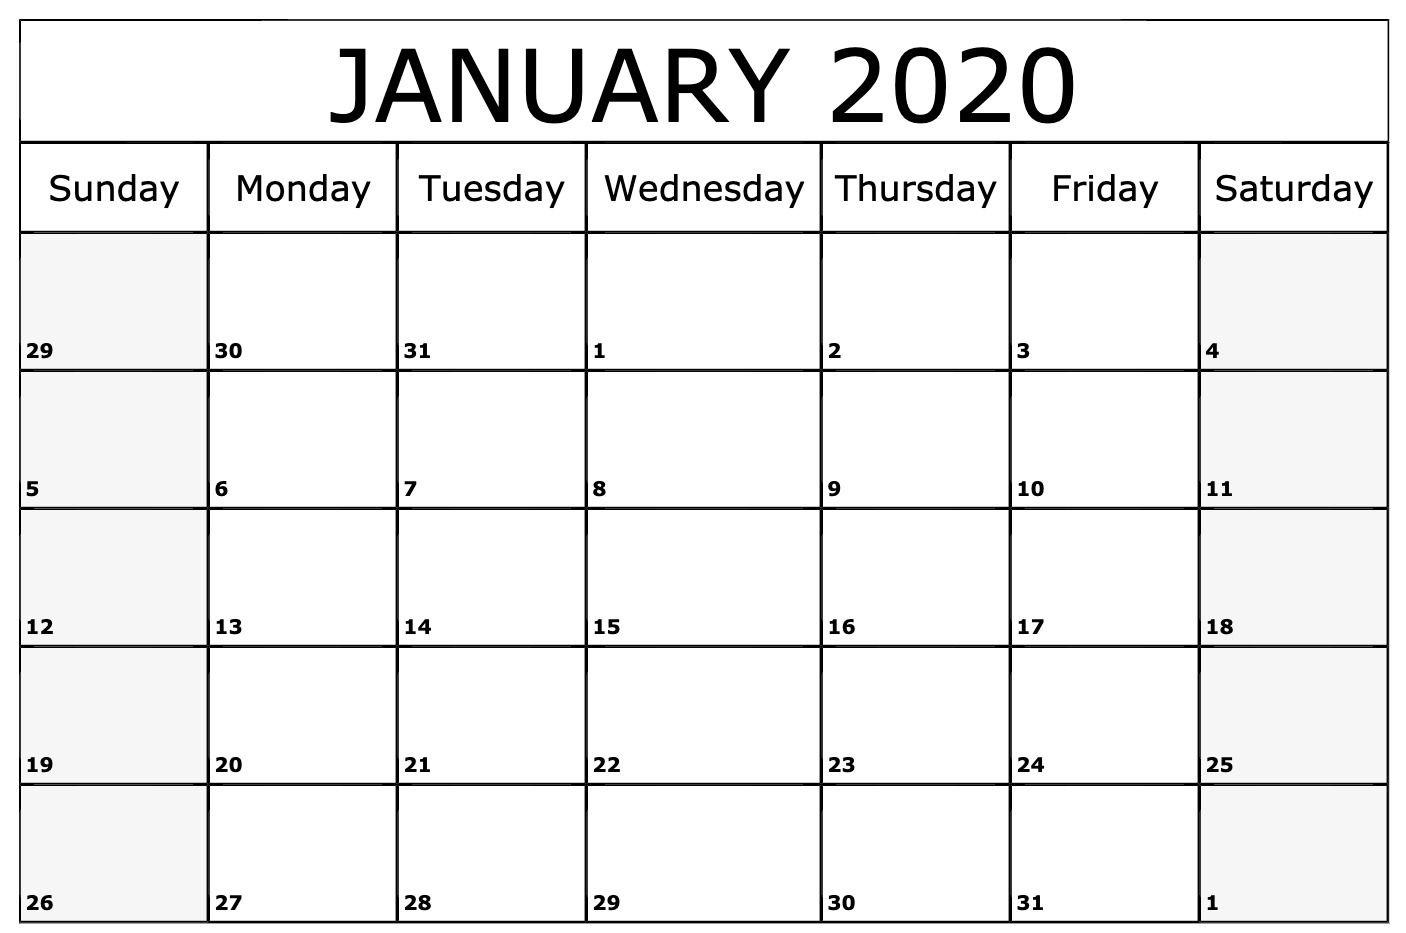 January 2020 Calendar Printable Template | Printable